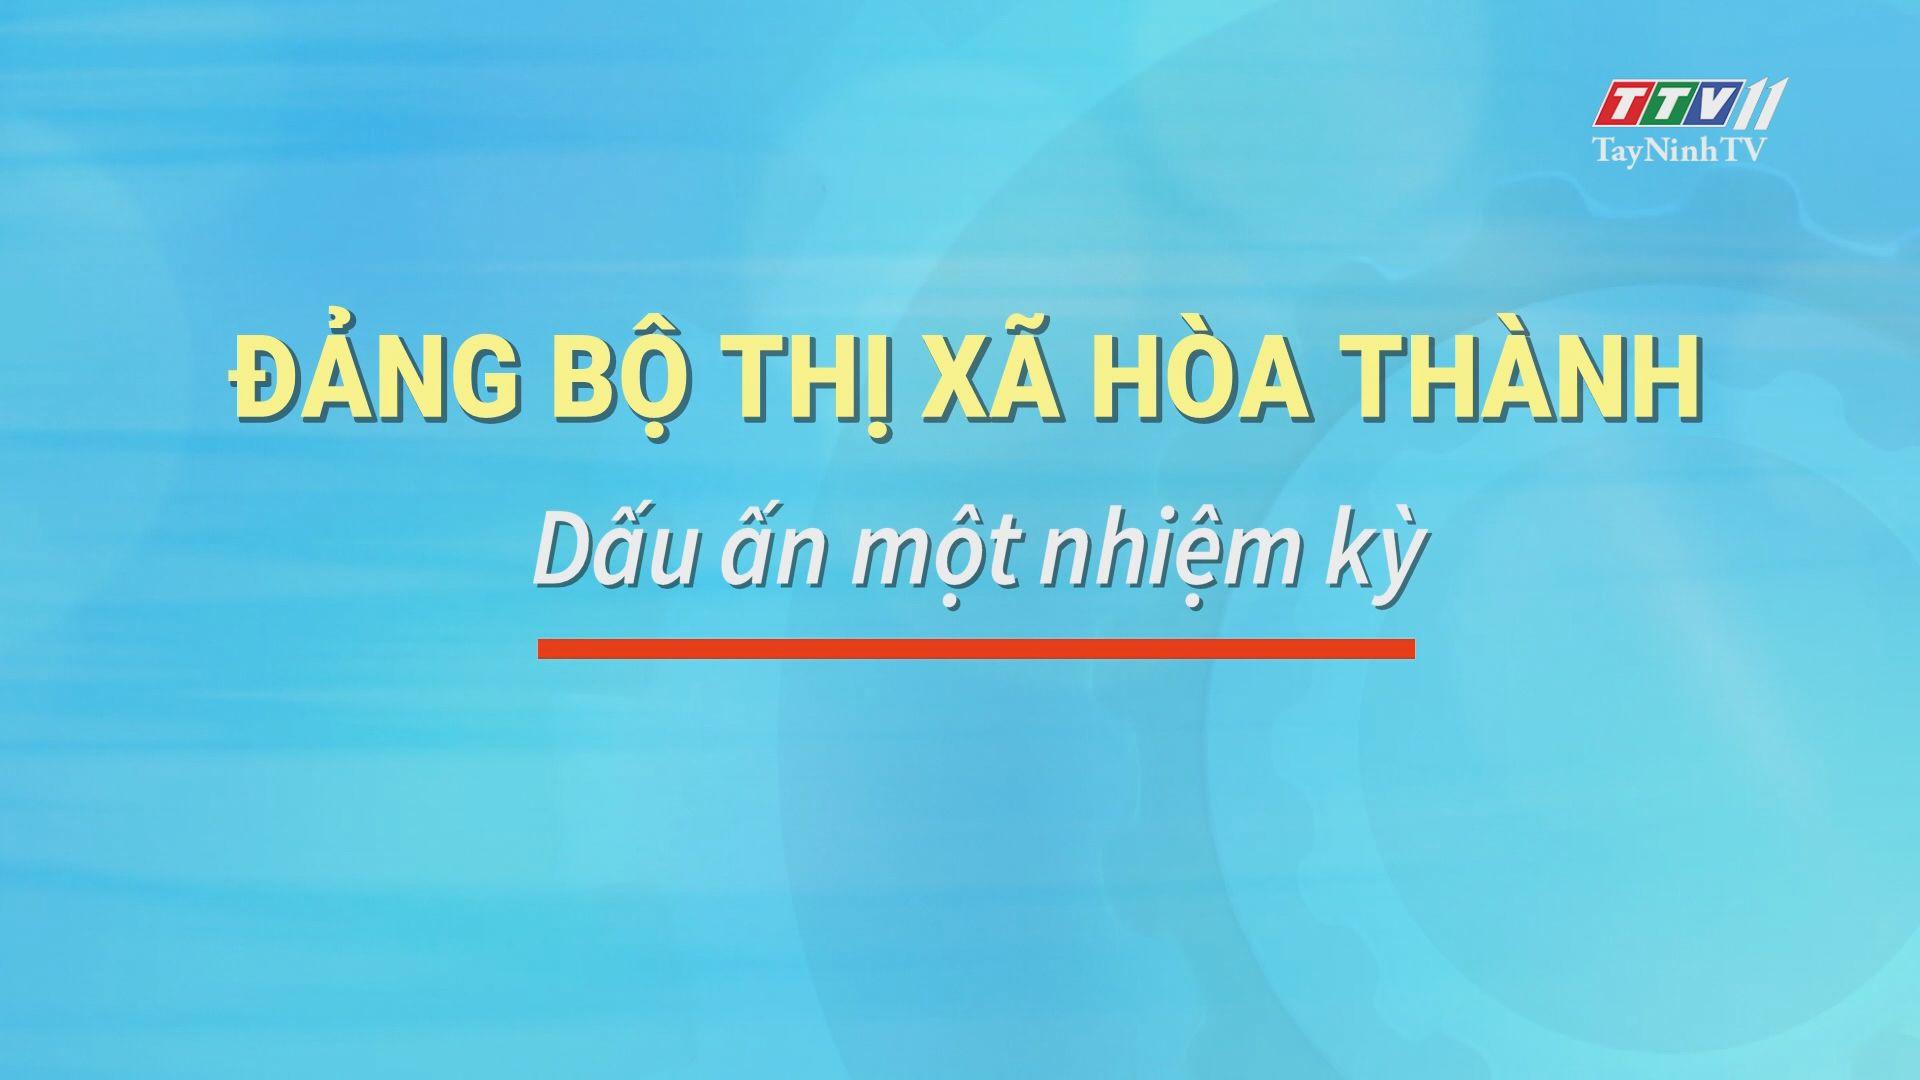 Đảng bộ Thị xã Hòa Thành-Dấu ấn một nhiệm kỳ | TIẾN TỚI ĐẠI HỘI ĐẢNG | TayNinhTV